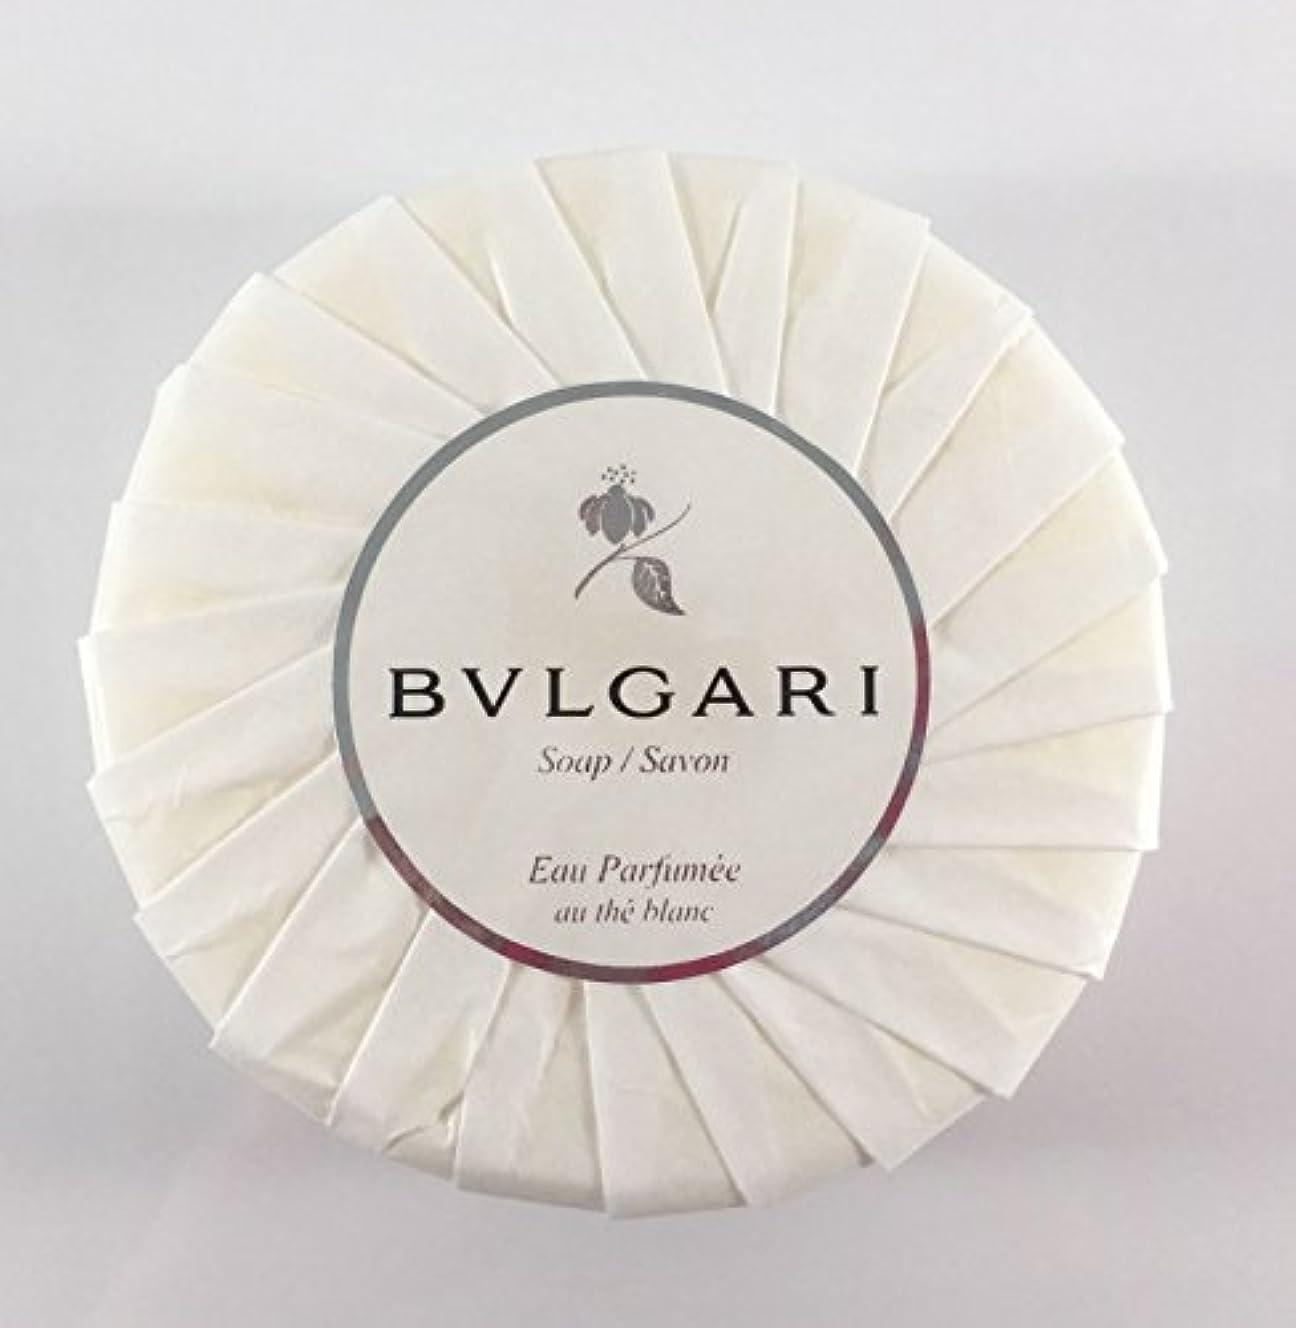 面白いプラス鉱石ブルガリ オ?パフメ オーテブラン デラックスソープ150g BVLGARI Bvlgari Eau Parfumee au the blanc White Soap